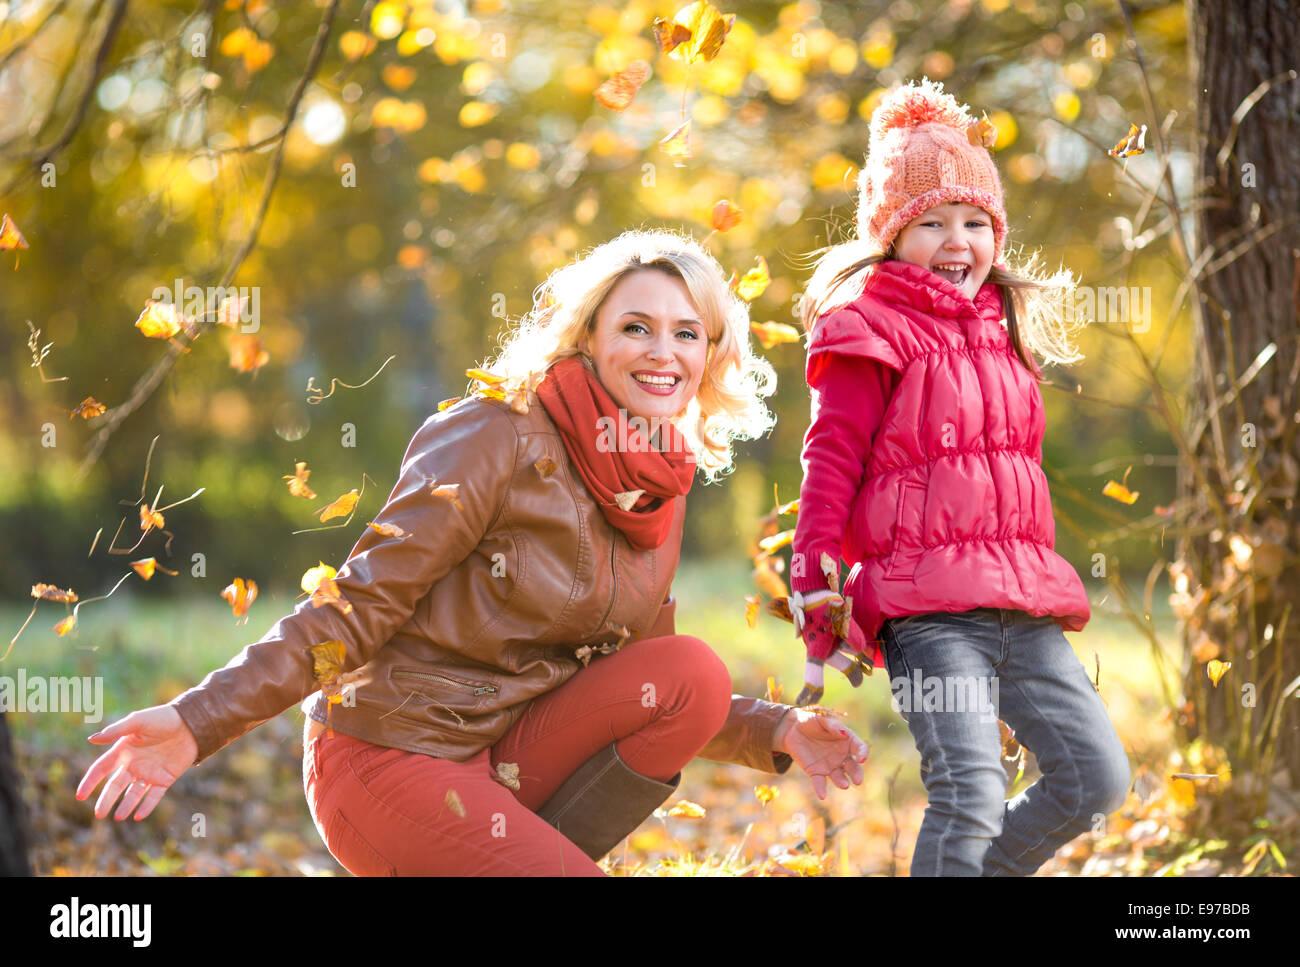 Feliz mãe e kid piscina brincar com folhas amarelo outono Imagens de Stock